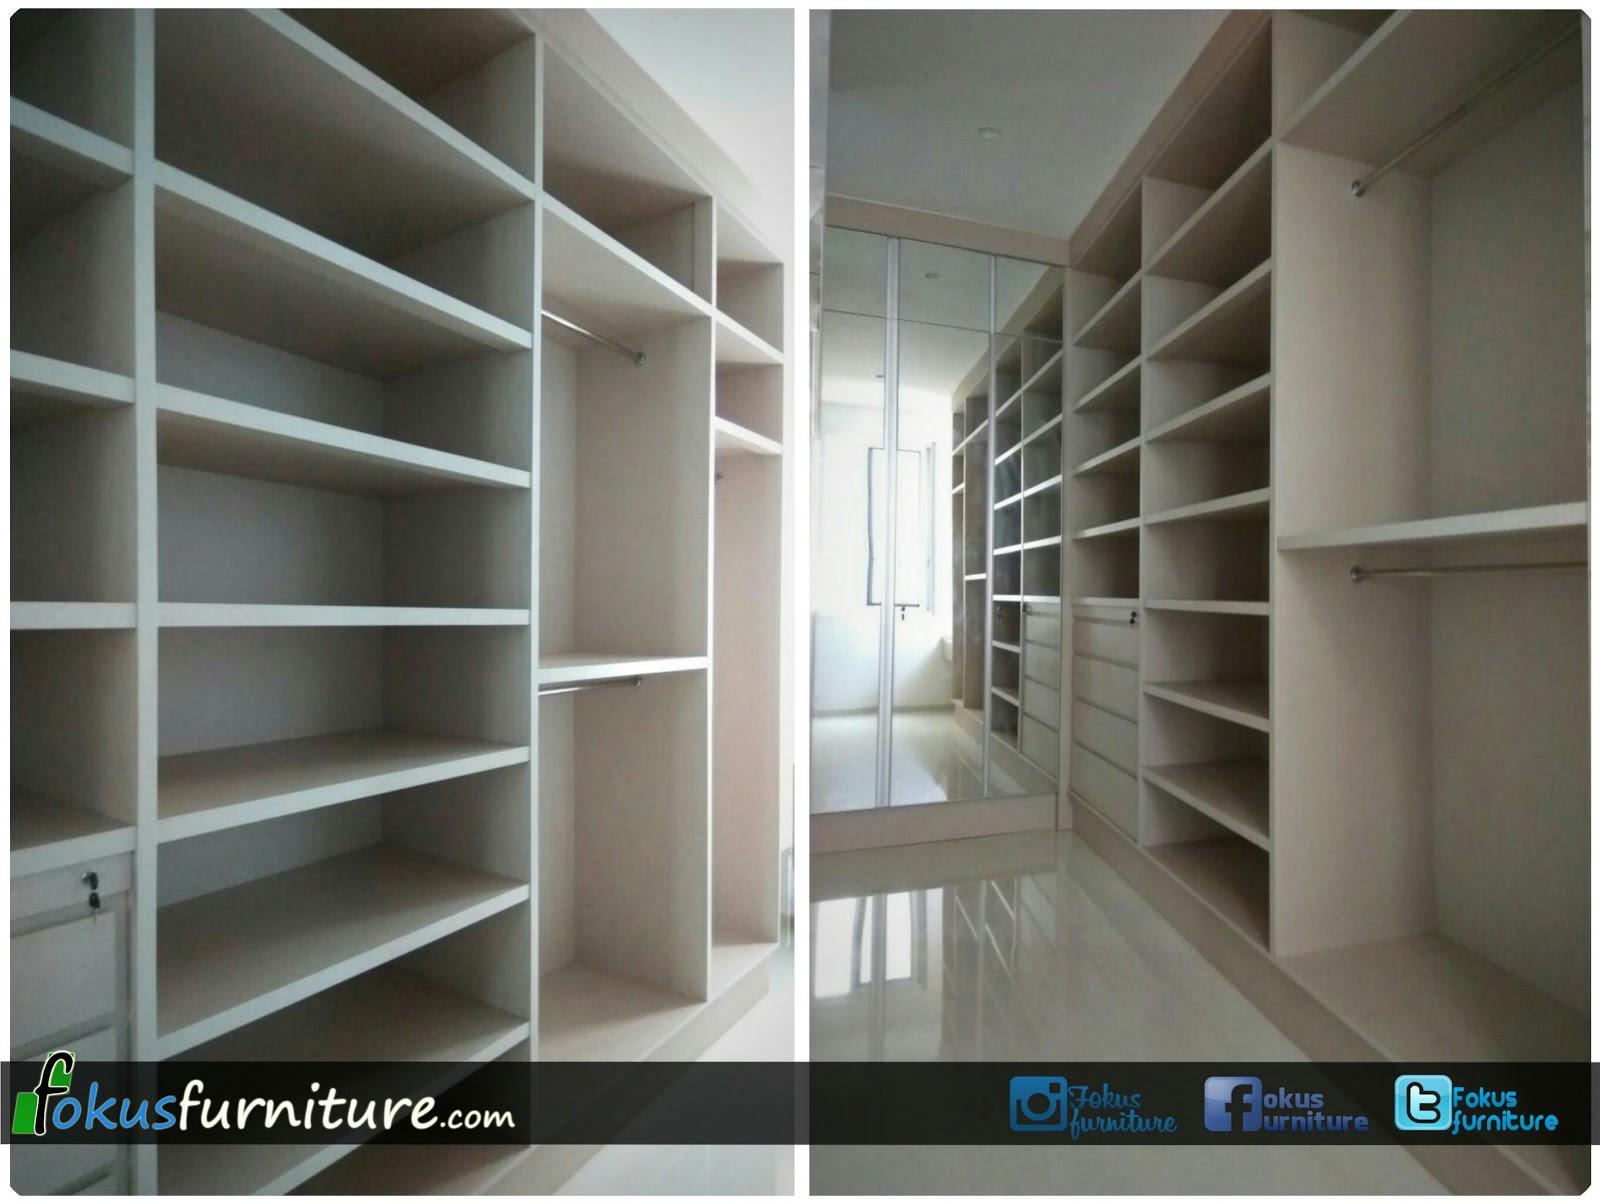 Furniture Minimalis Jabodetabek Kitchen Set Lemari Pakaian